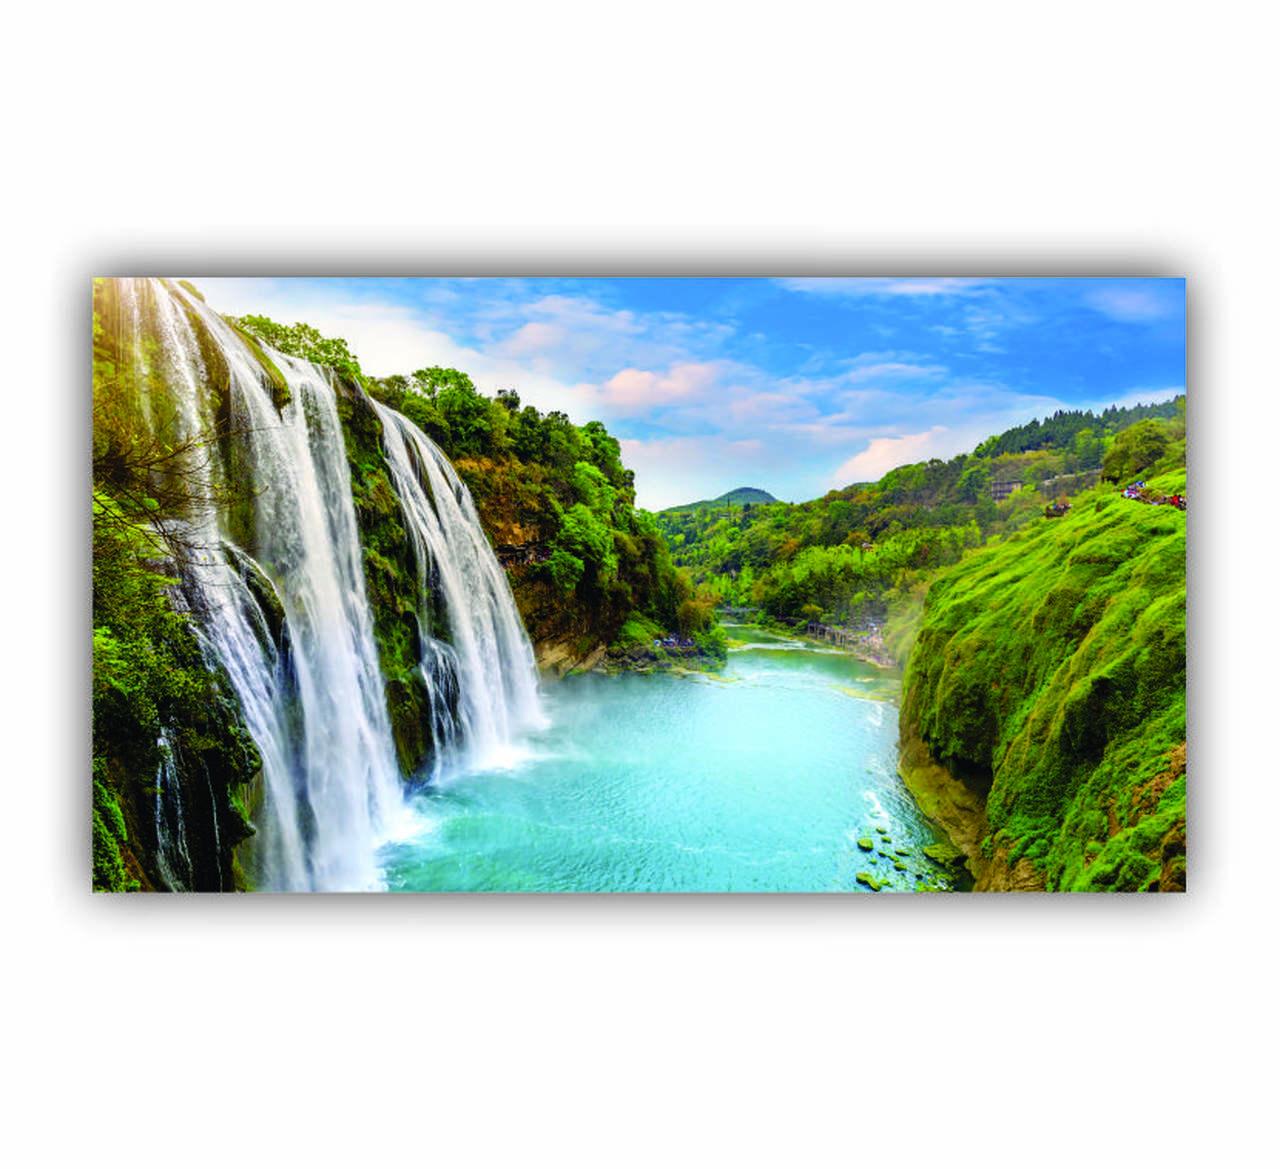 Quadro Cachoeira Ensolarada Luxo - Tela Única